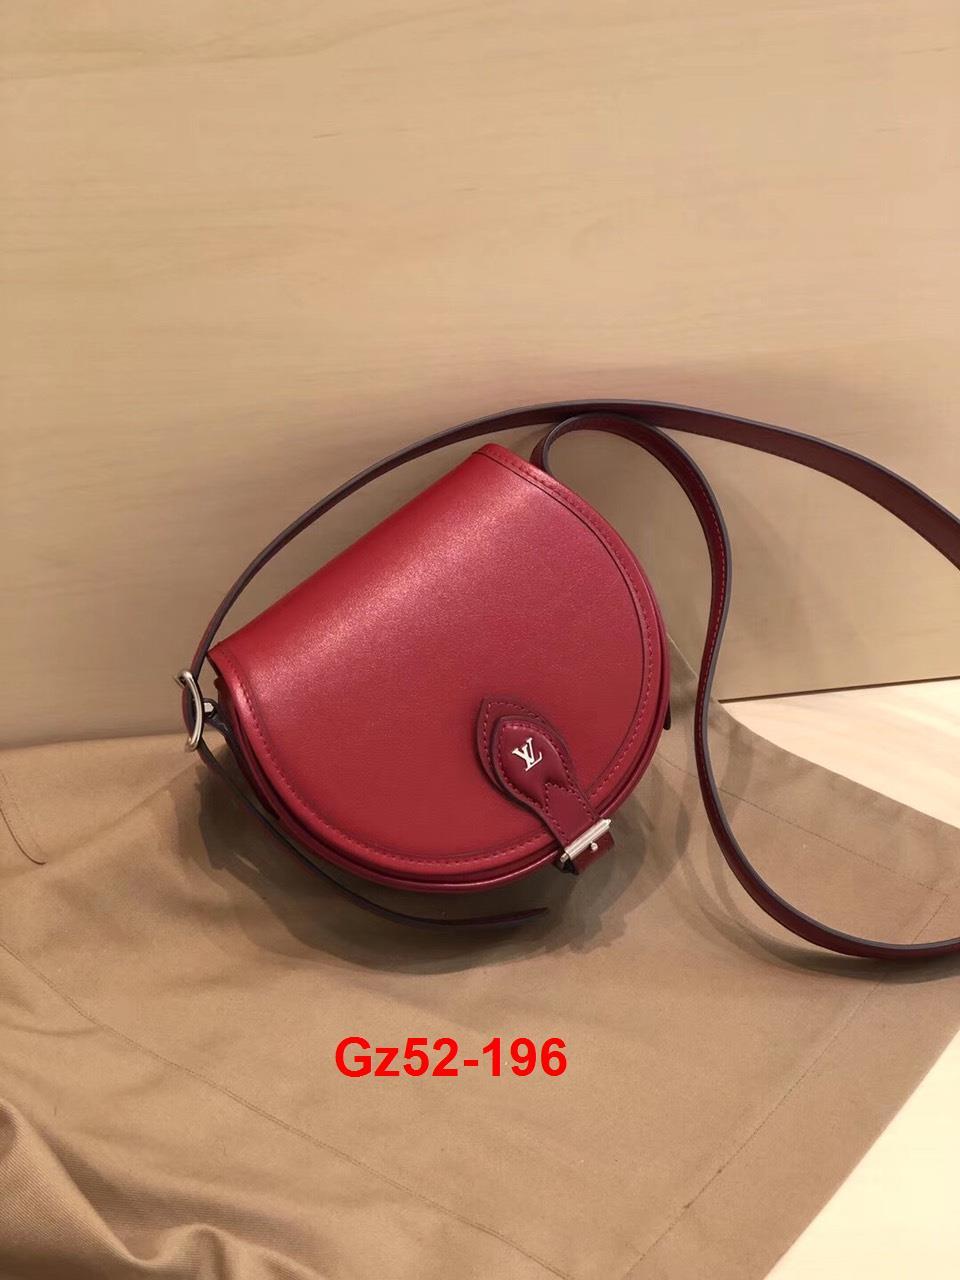 Gz52-196 Louis Vuitton túi size 18cm siêu cấp